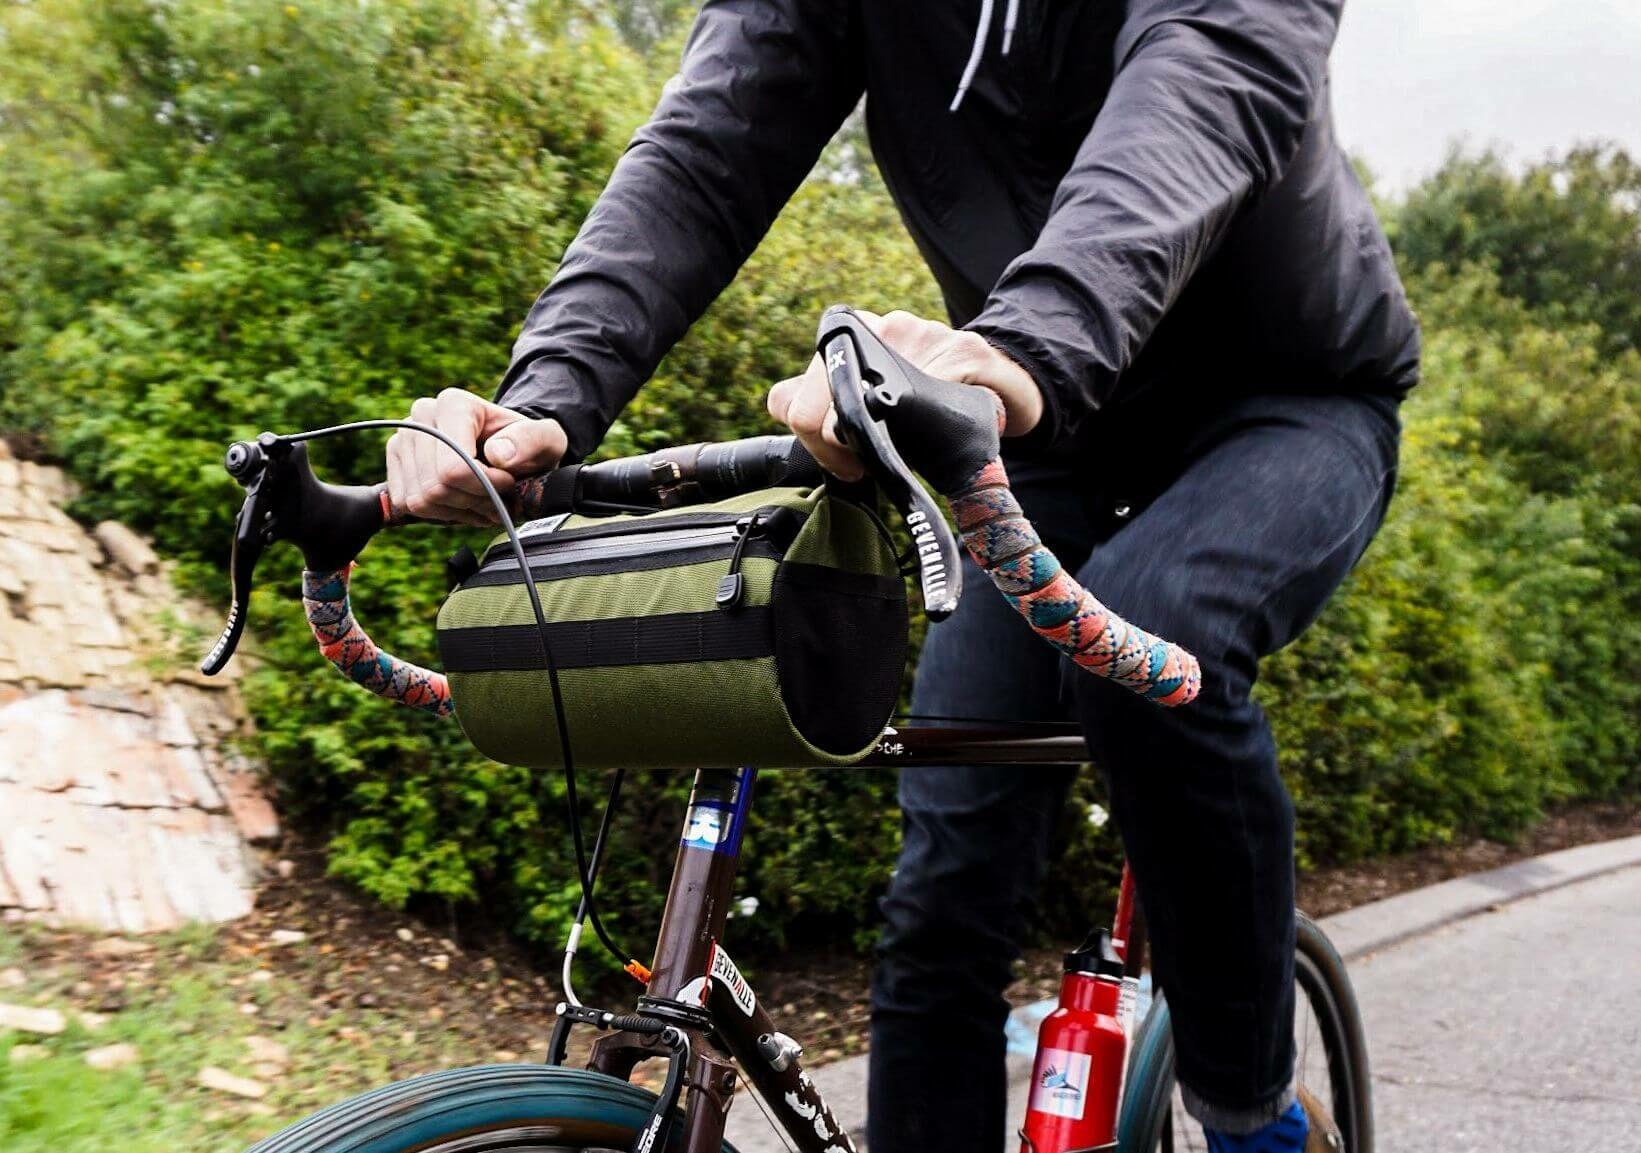 13_bikepacking túra közlekedés mibe pakold a cuccot a kerékpáron, melyik táska hova és mire való